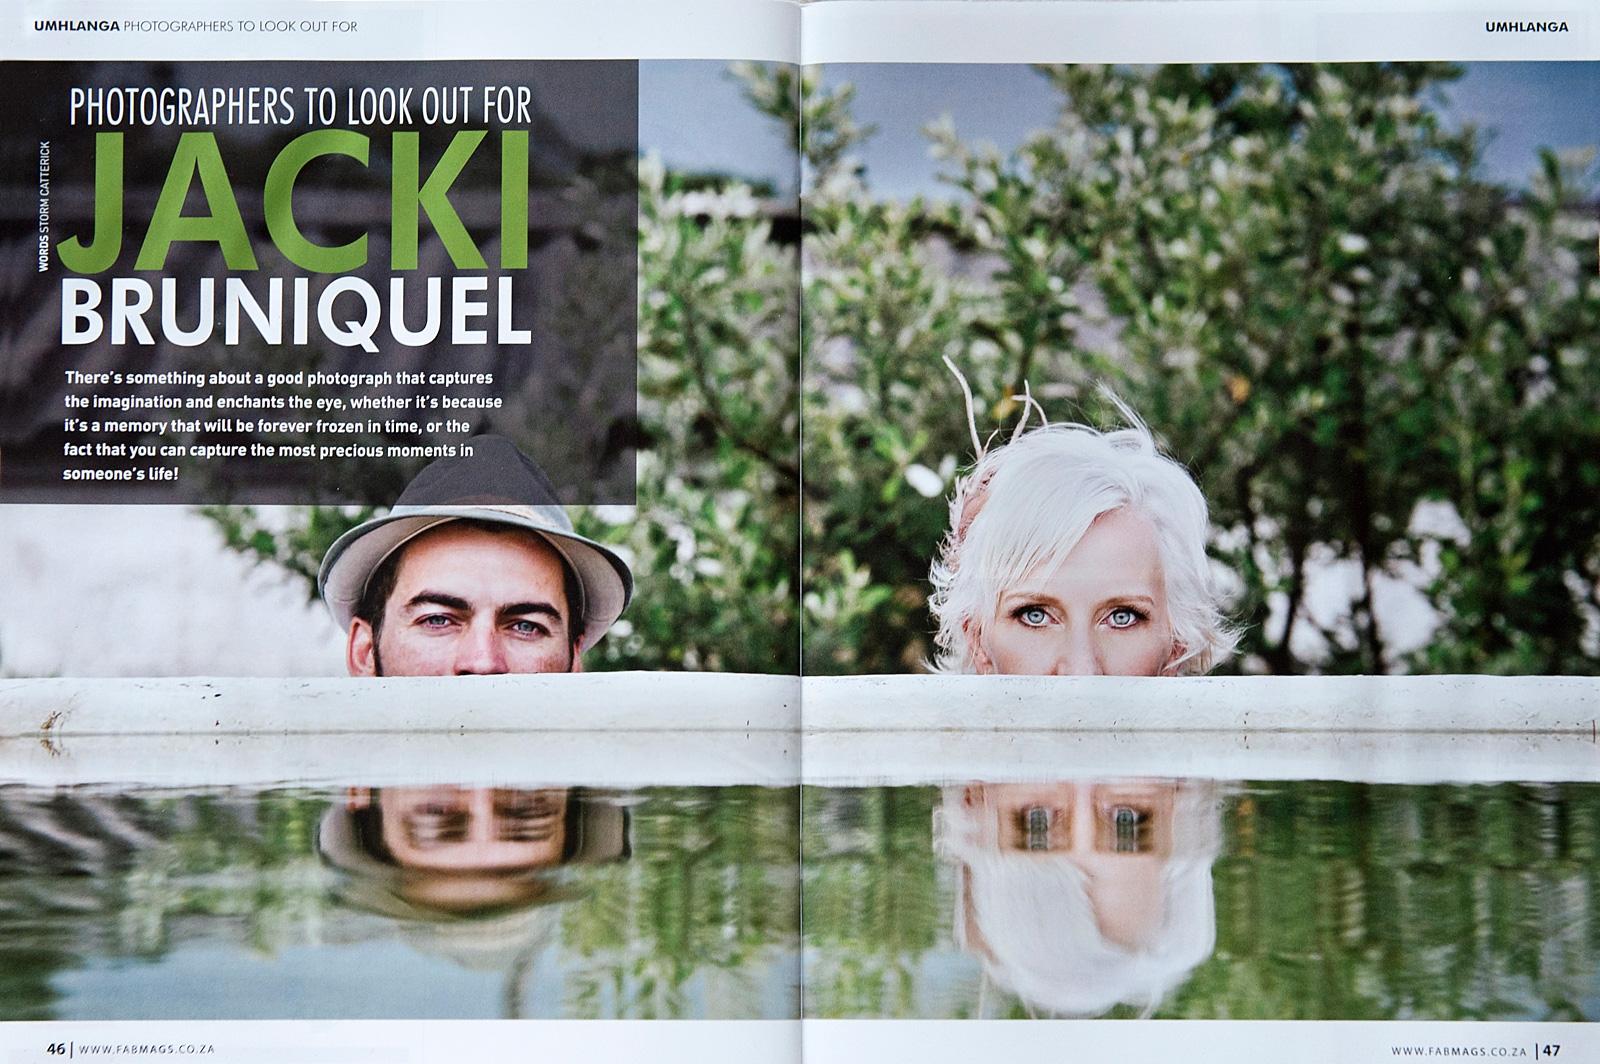 Jacki-Bruniquel-The-Umhlanga-Magazine-1